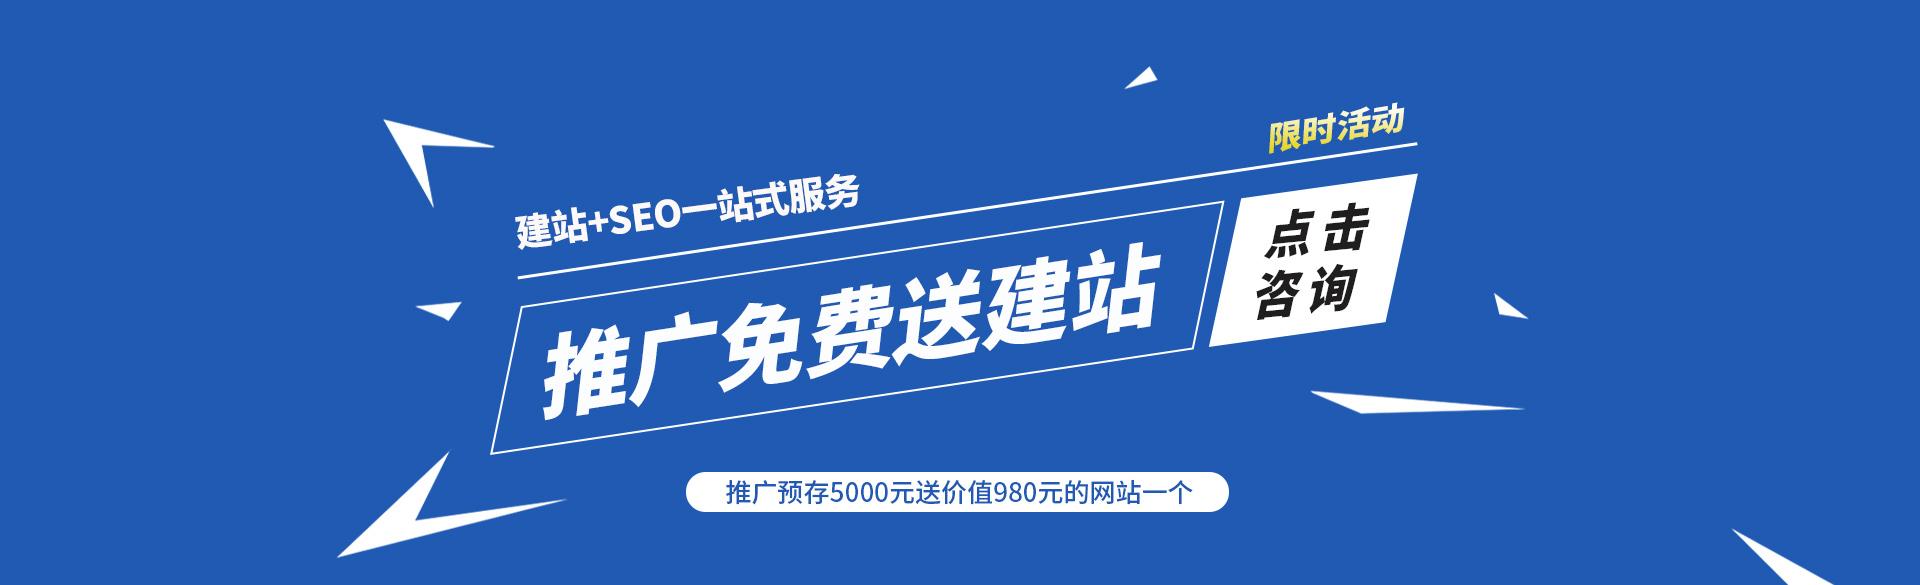 限时活动!推广免费送建站,推广预存5000元送价值980元的网站一个。